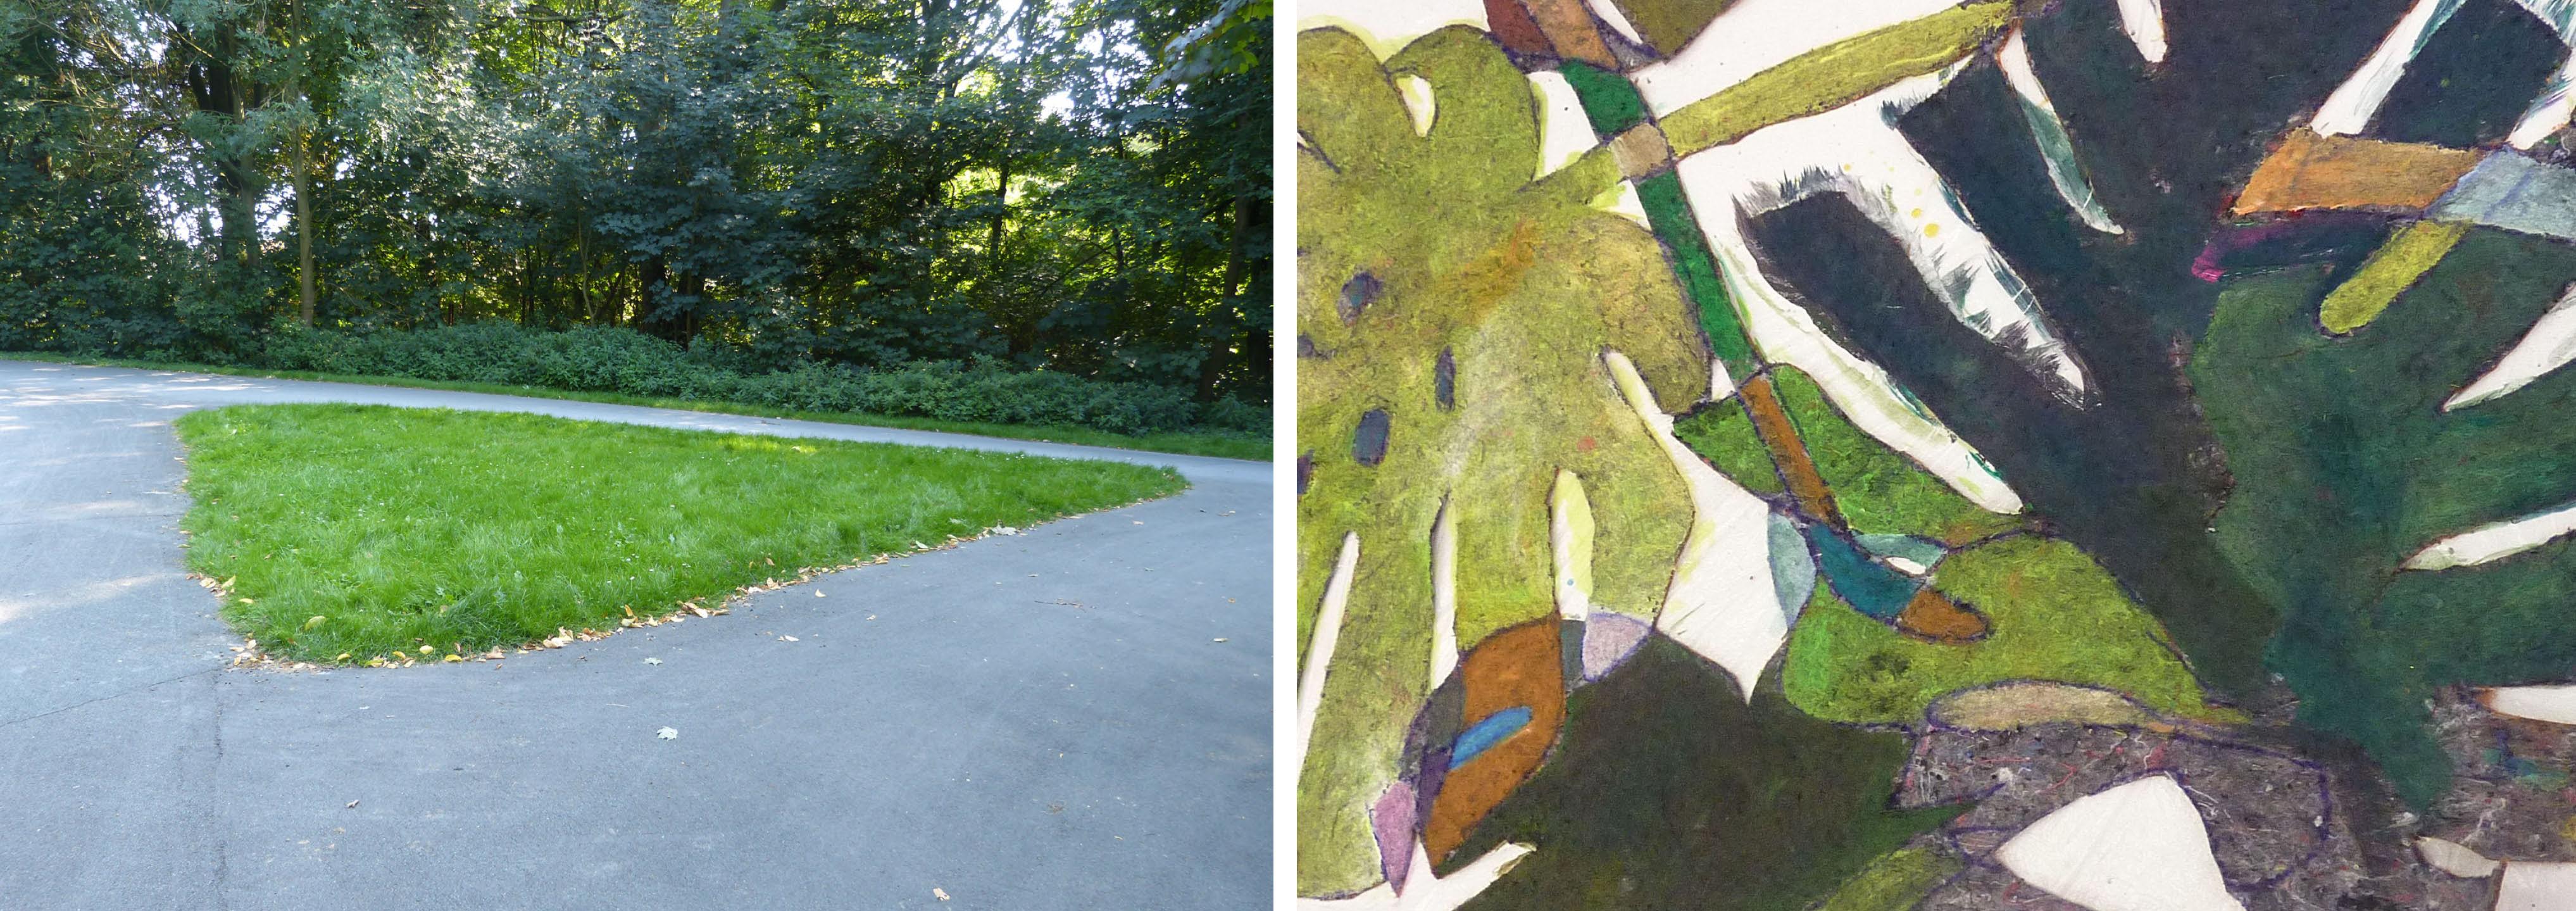 Eventbild für Nikola Hamacher & Stephanie Hamacher-Backhaus /// Gib mir ein Grün